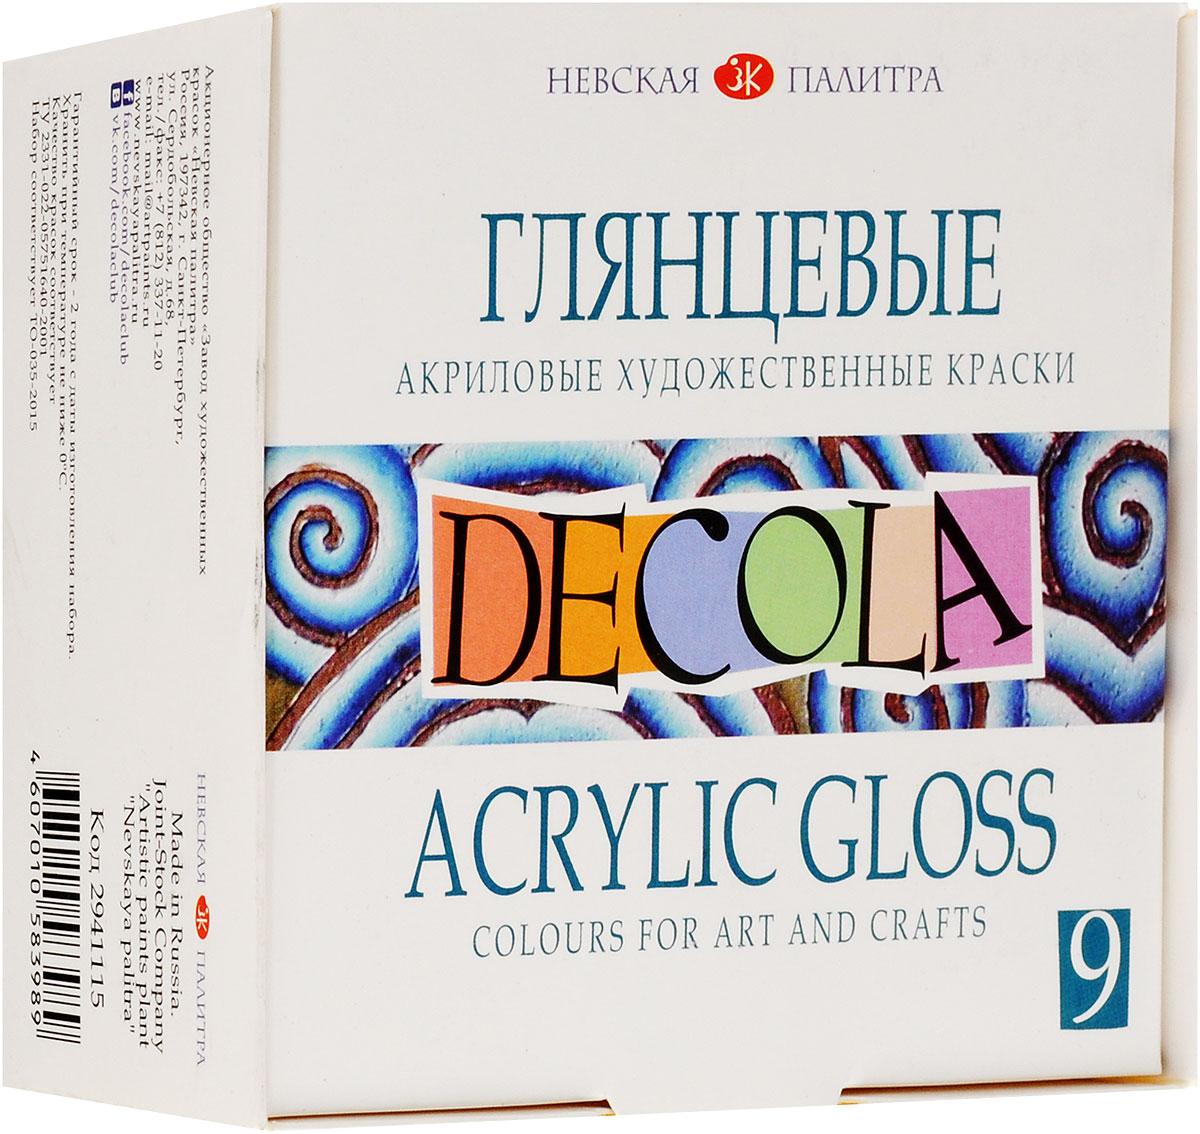 Decola Глянцевые акриловые художественные краски 9 цветов decola перламутровые акриловые художественные краски 6 цветов